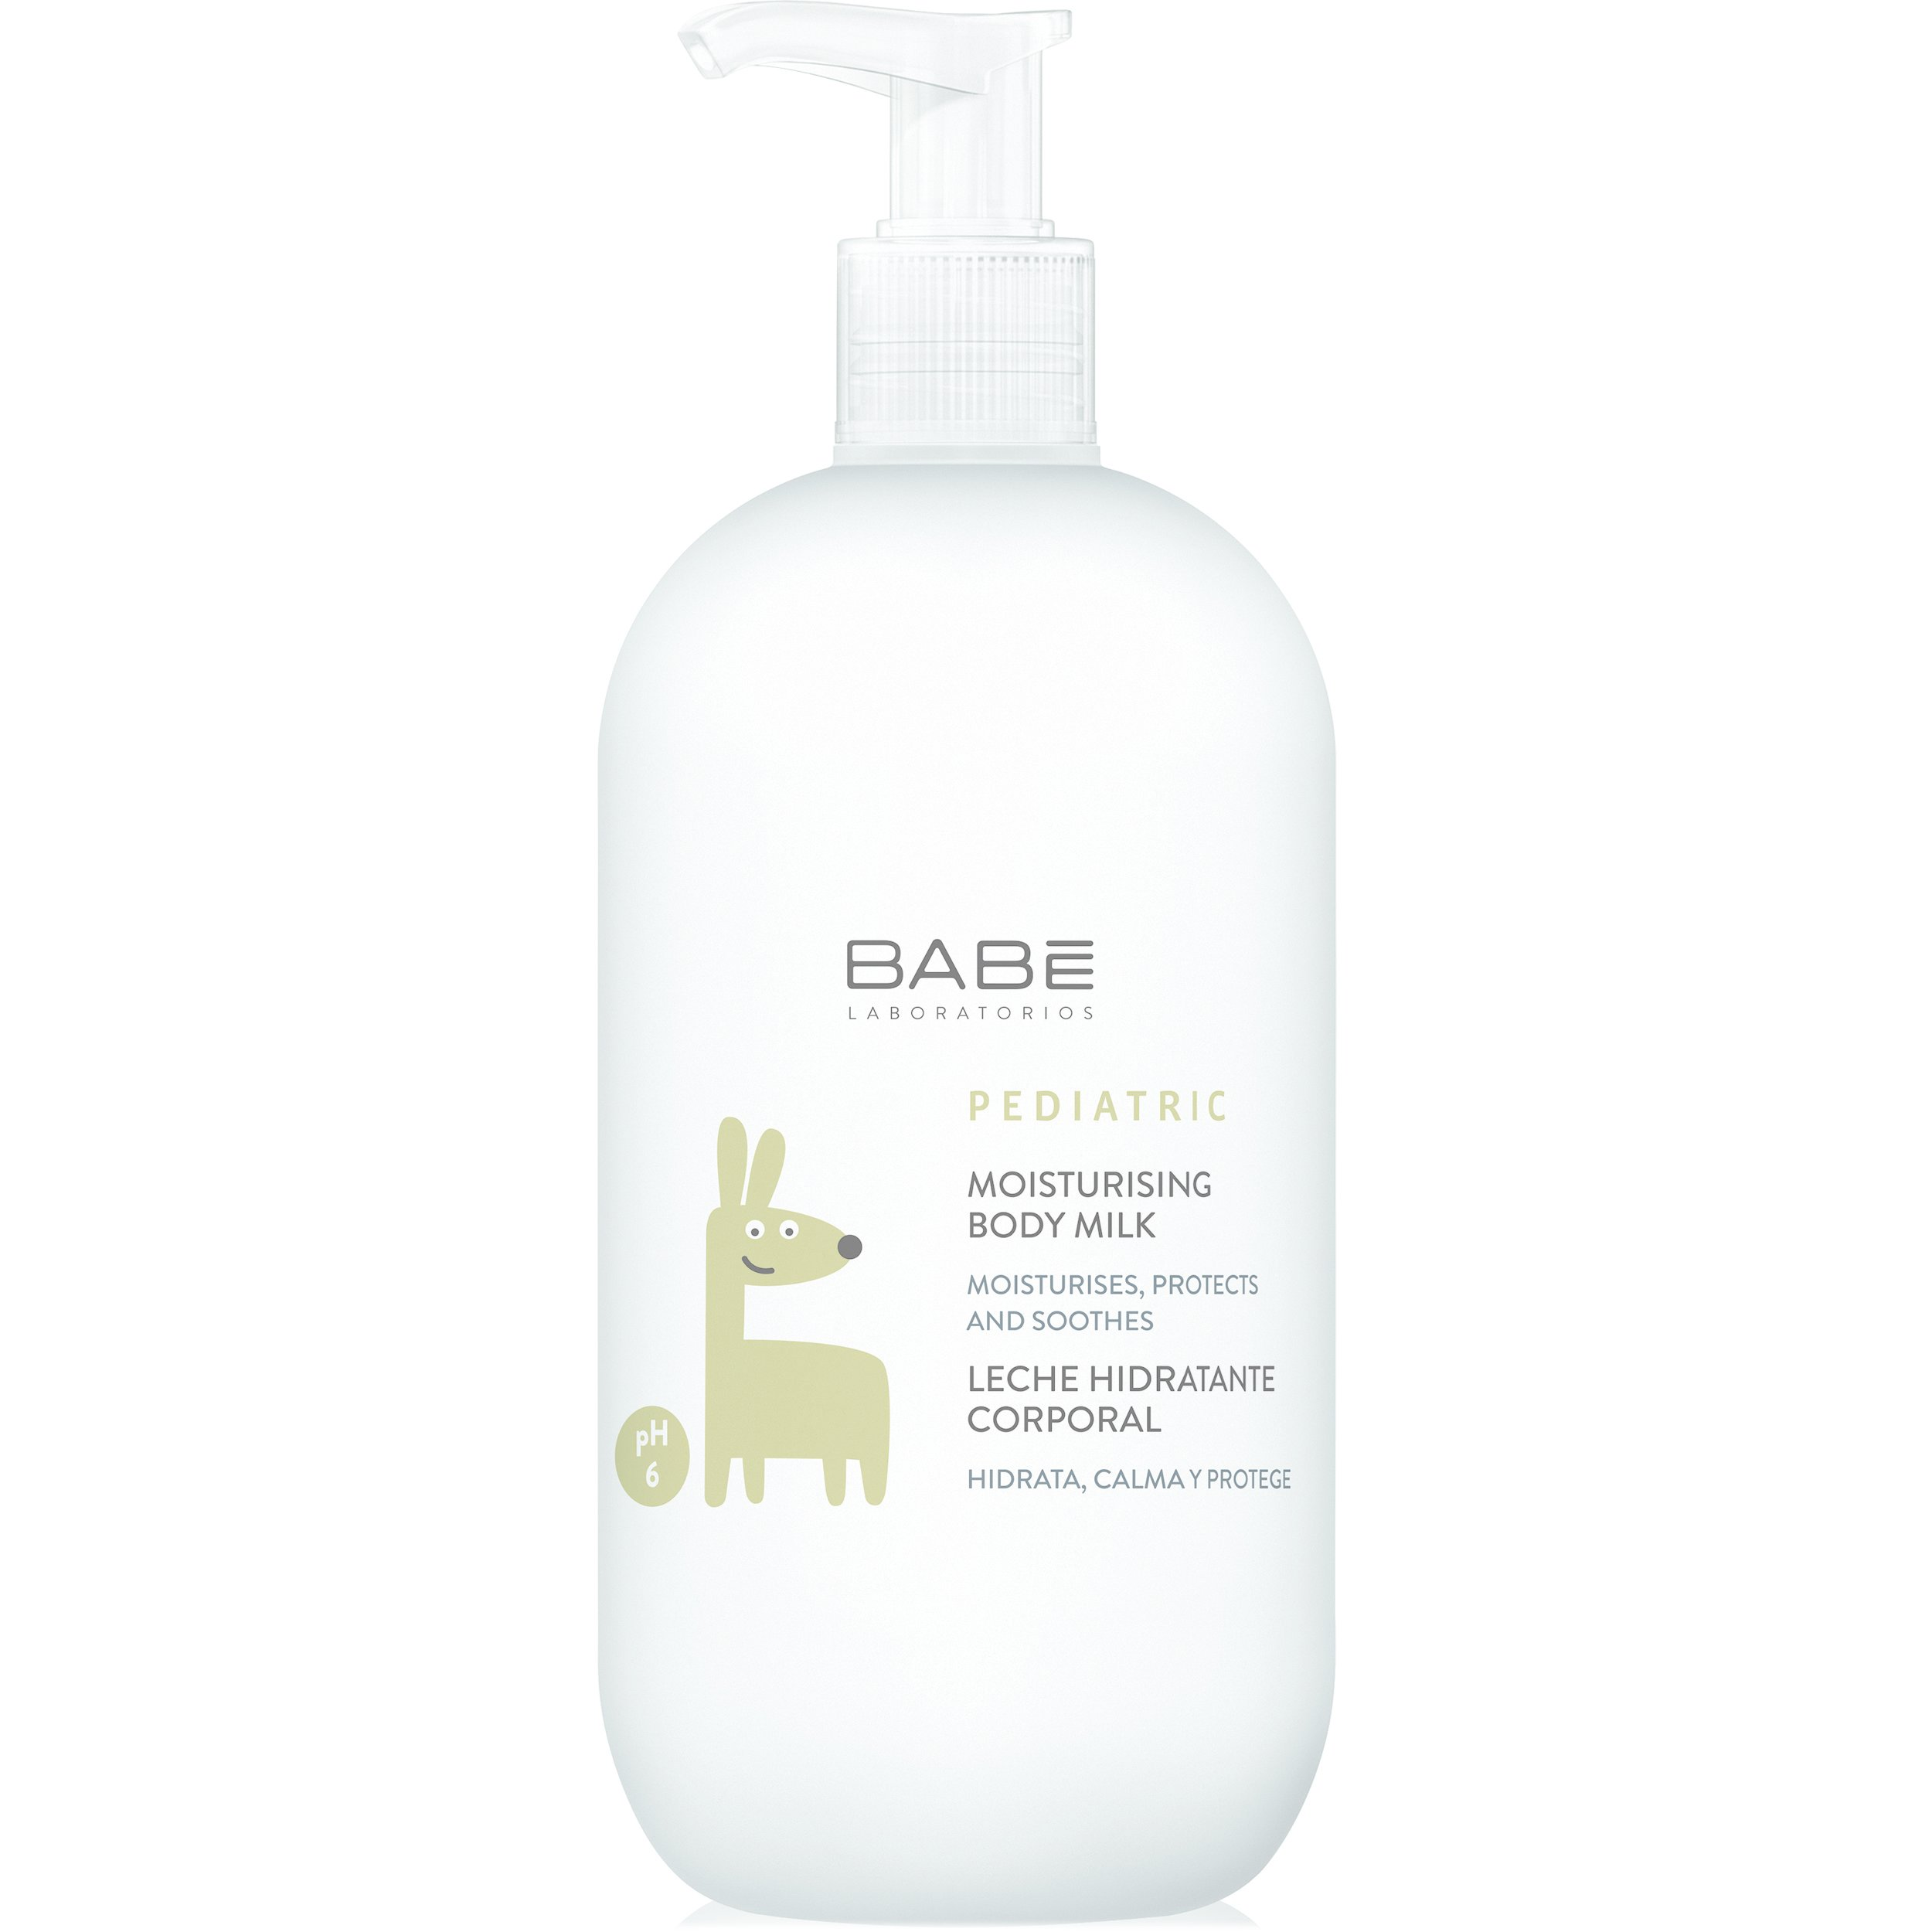 Babe Pediatric Moisturising Body Milk Ενυδατικό Γαλάκτωμα Σώματος για την Ευαίσθητη Βρεφική – Παιδική Επιδερμίδα 500ml